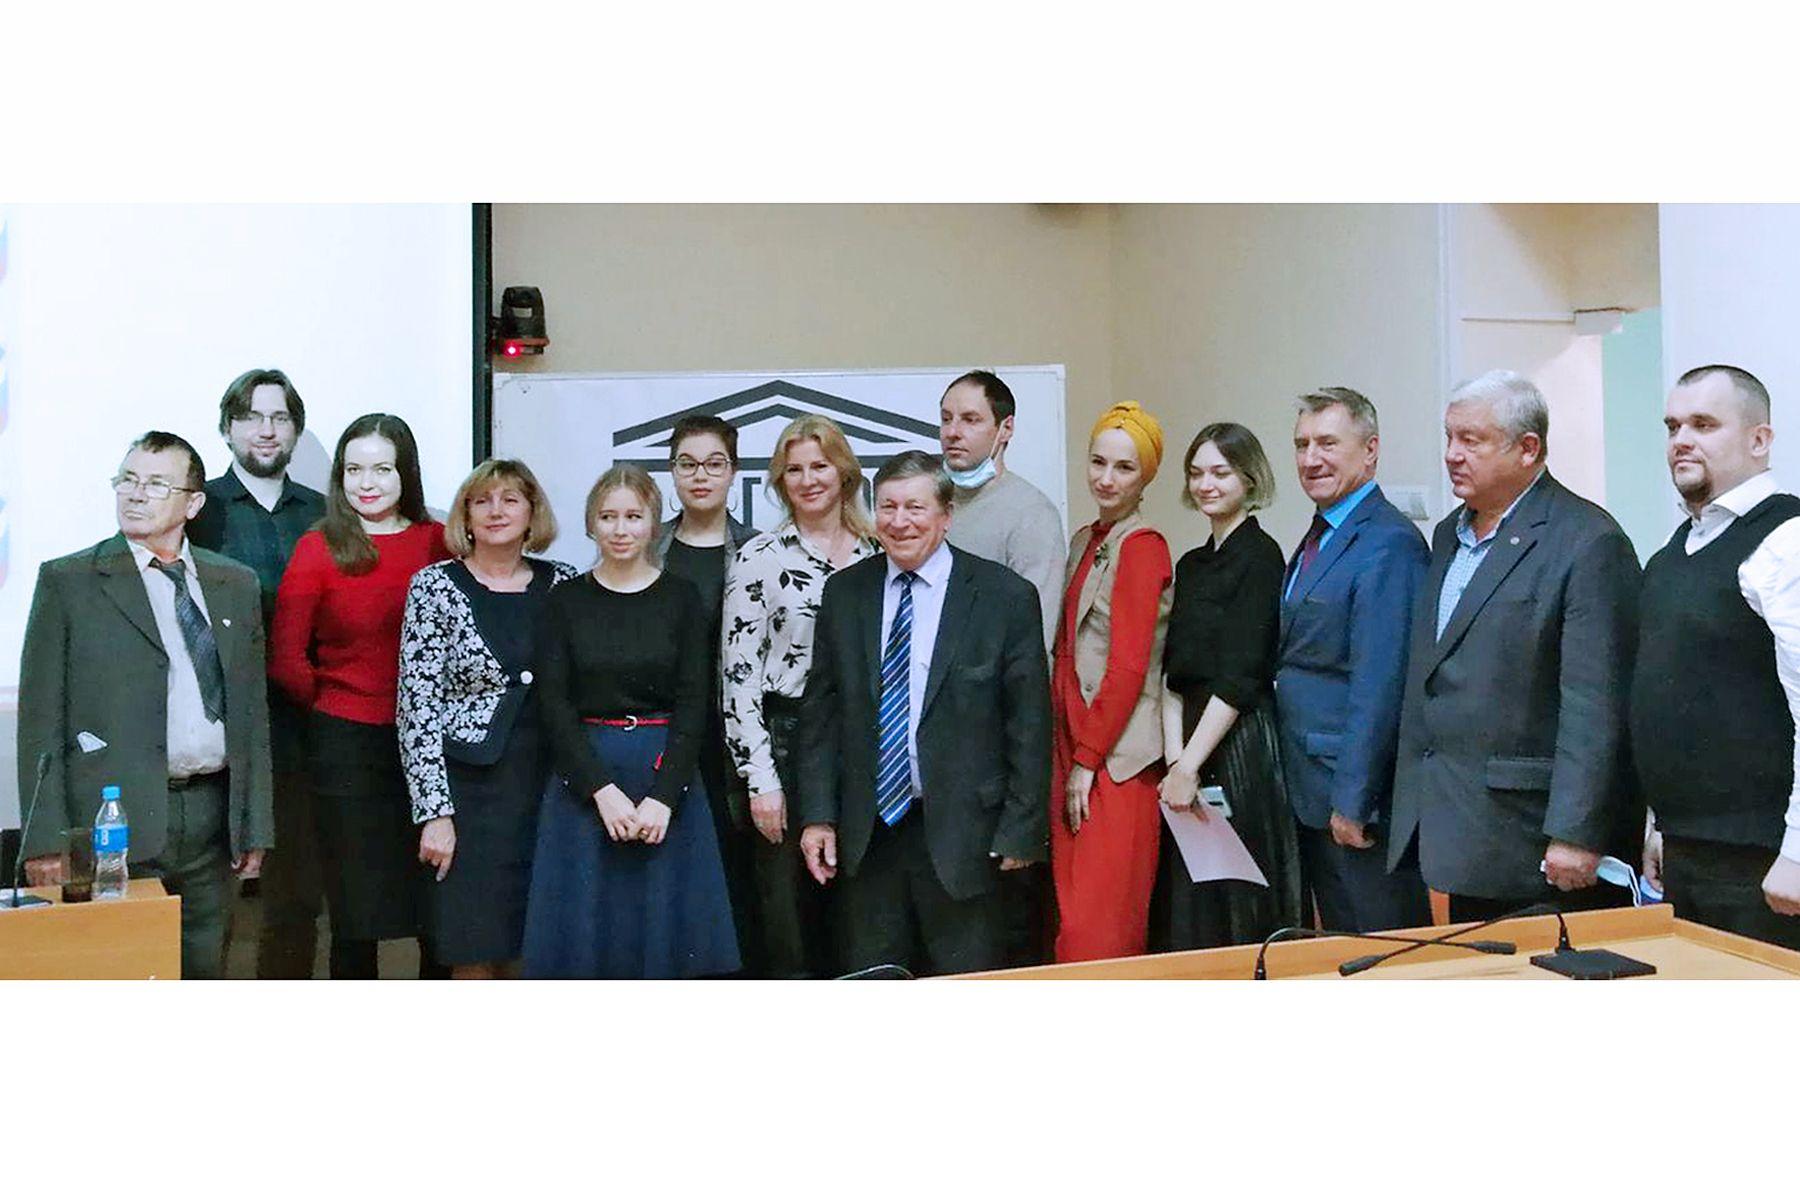 Во ВГУЭС наградили победителей конкурса эскизных проектов «Россия начинается здесь!» ДВ комитета Комиссии РФ по делам ЮНЕСКО